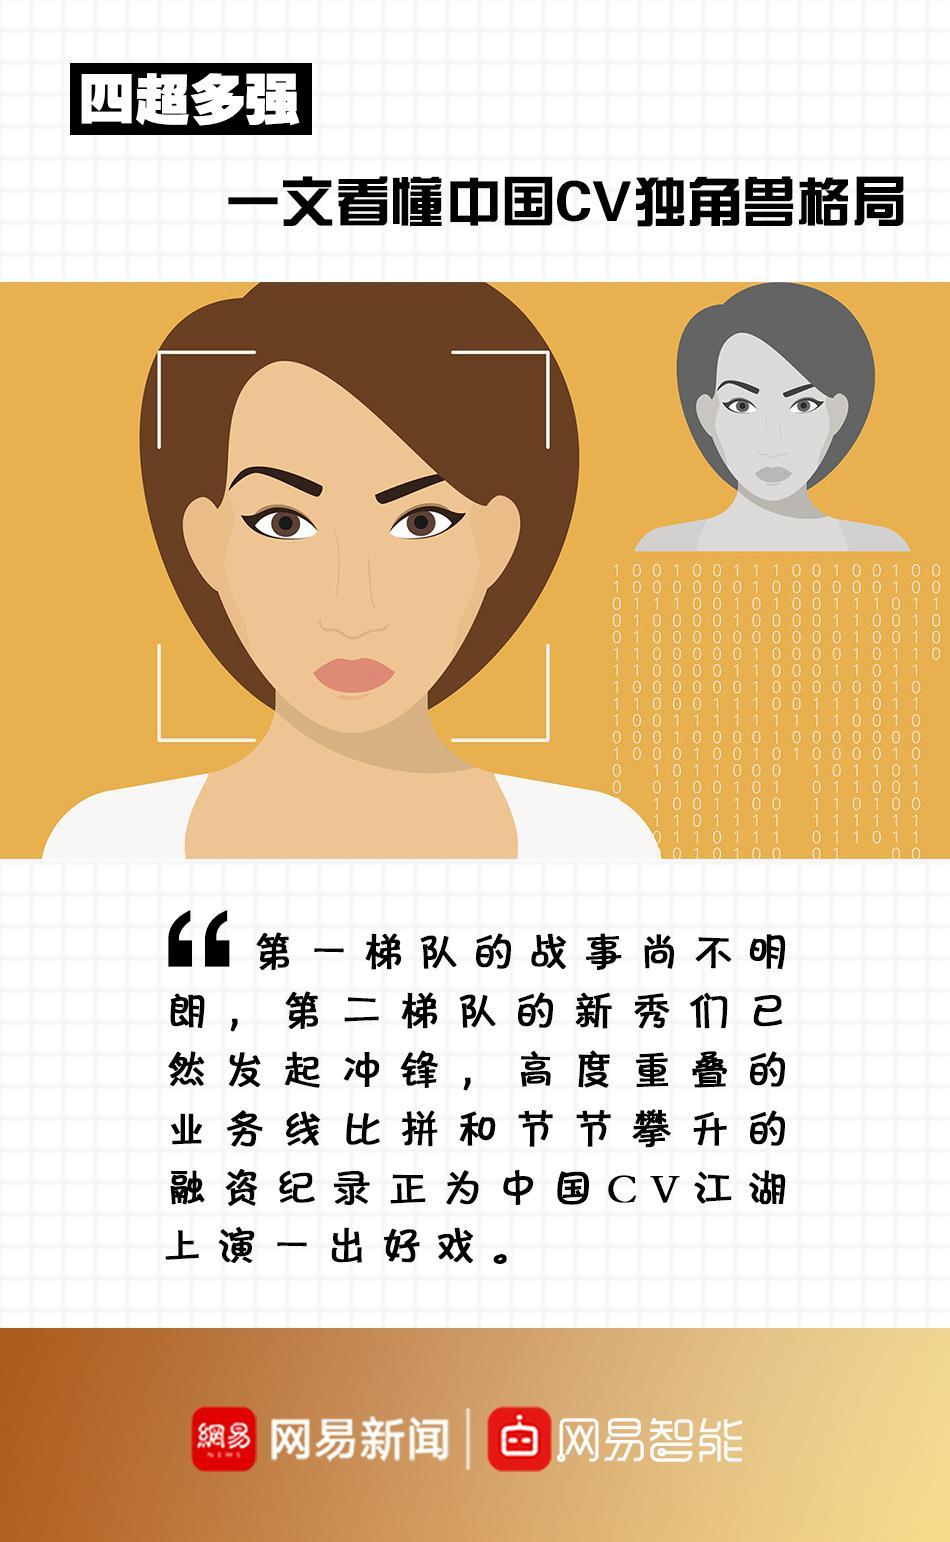 四超多强 一文看懂中国CV独角兽格局